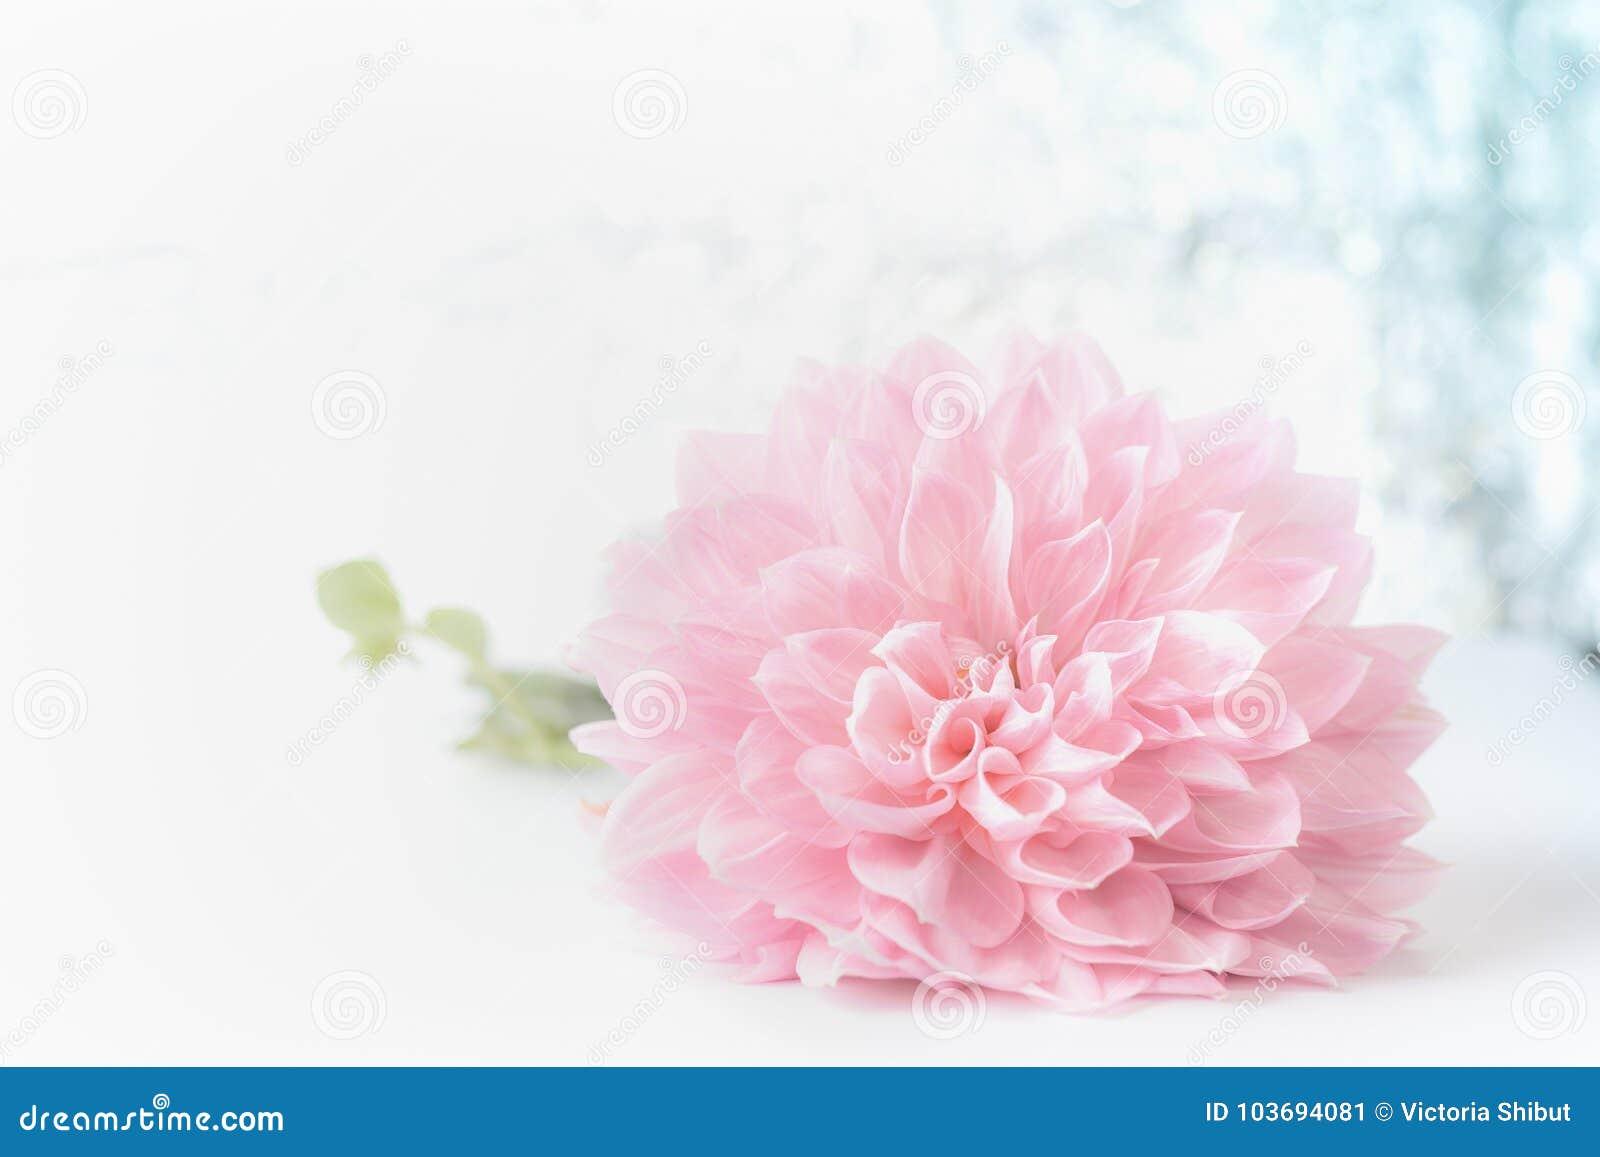 Grote mooie roze bleke bloem op bokehachtergrond, vooraanzicht Creatieve bloemengroetkaart voor Moedersdag, huwelijk, gelukkige v